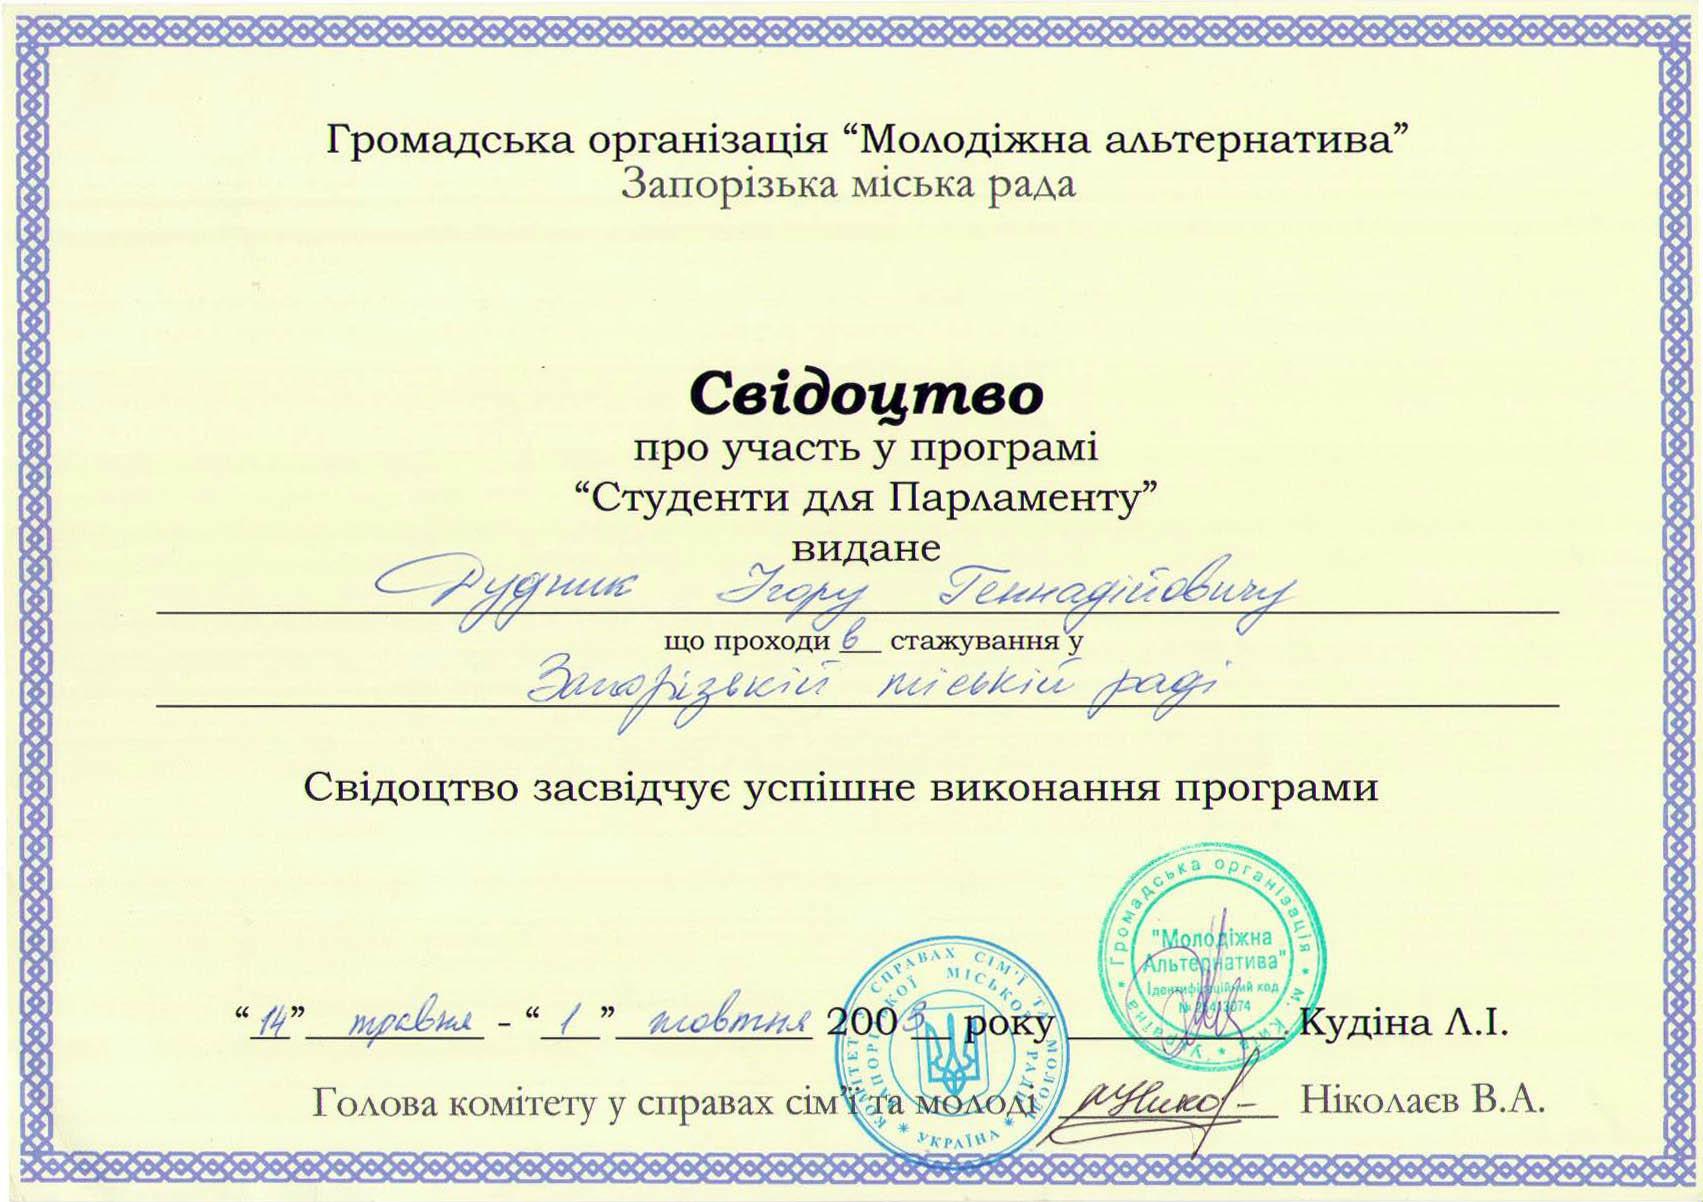 Свидетельство. Студенты для парламента. Дудник Игорь Геннадиевич